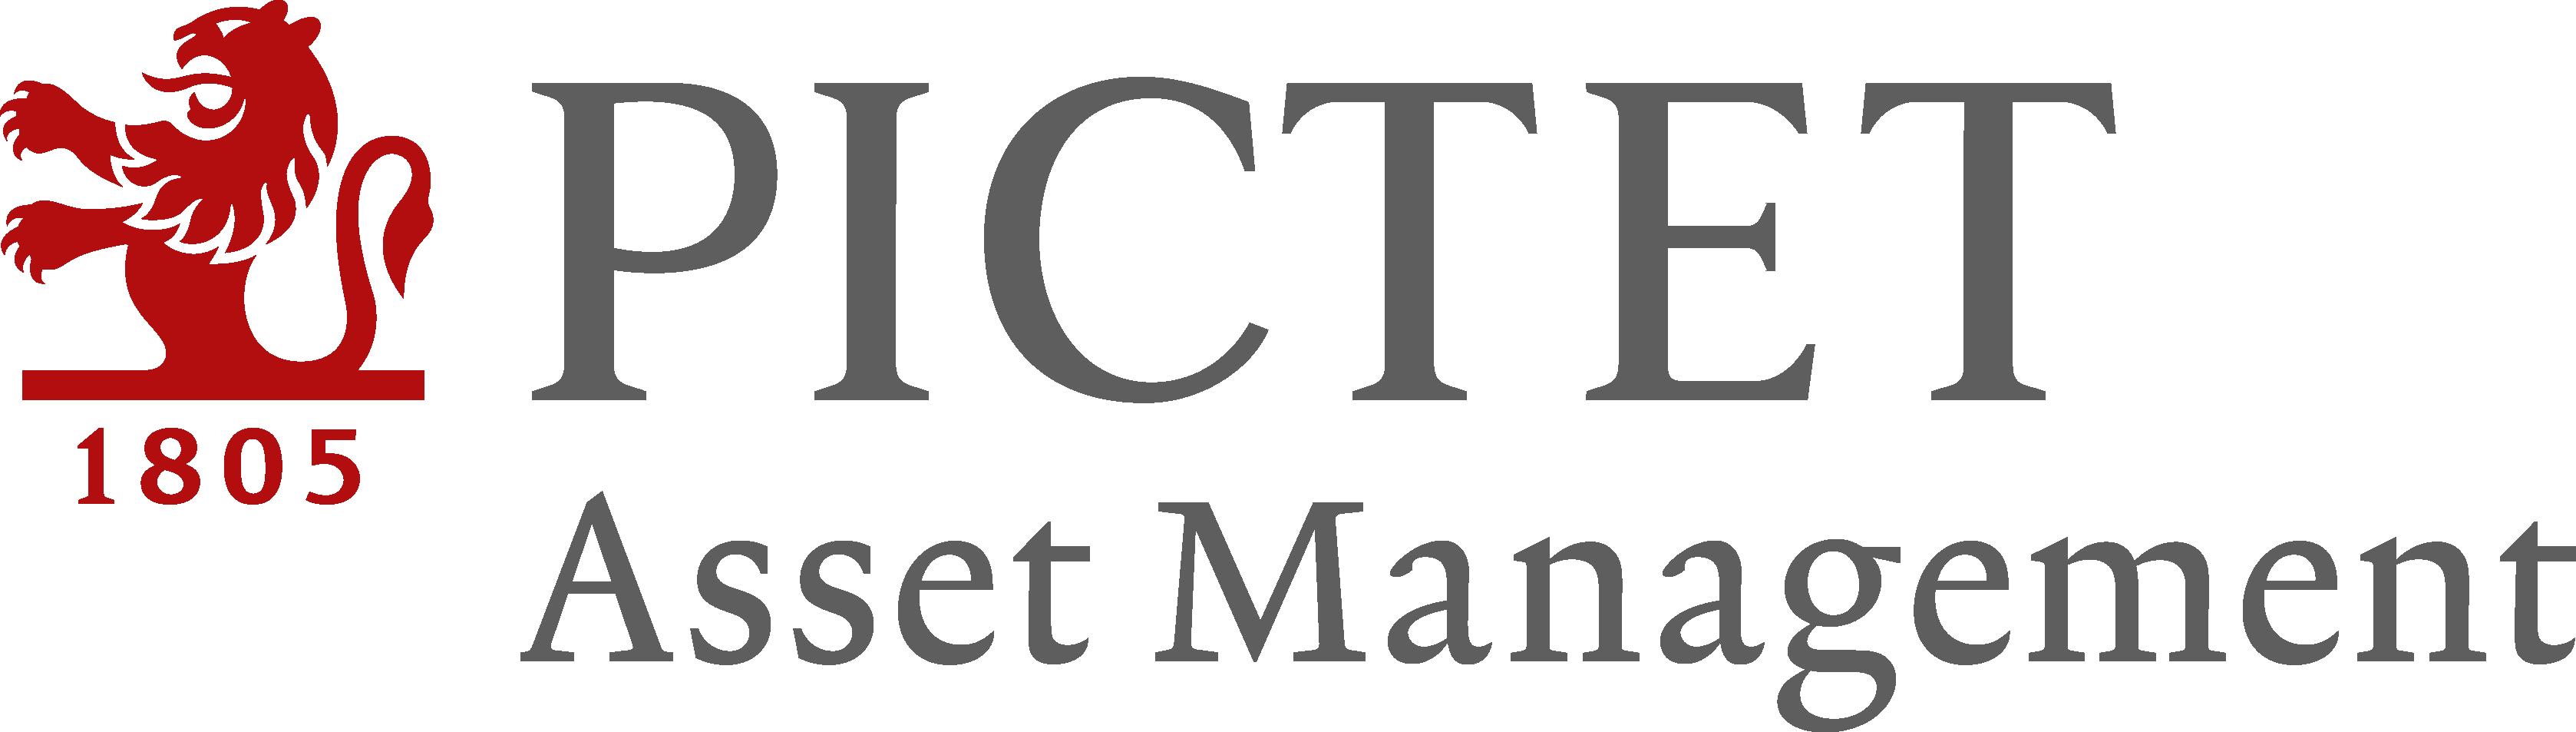 pictet_logo